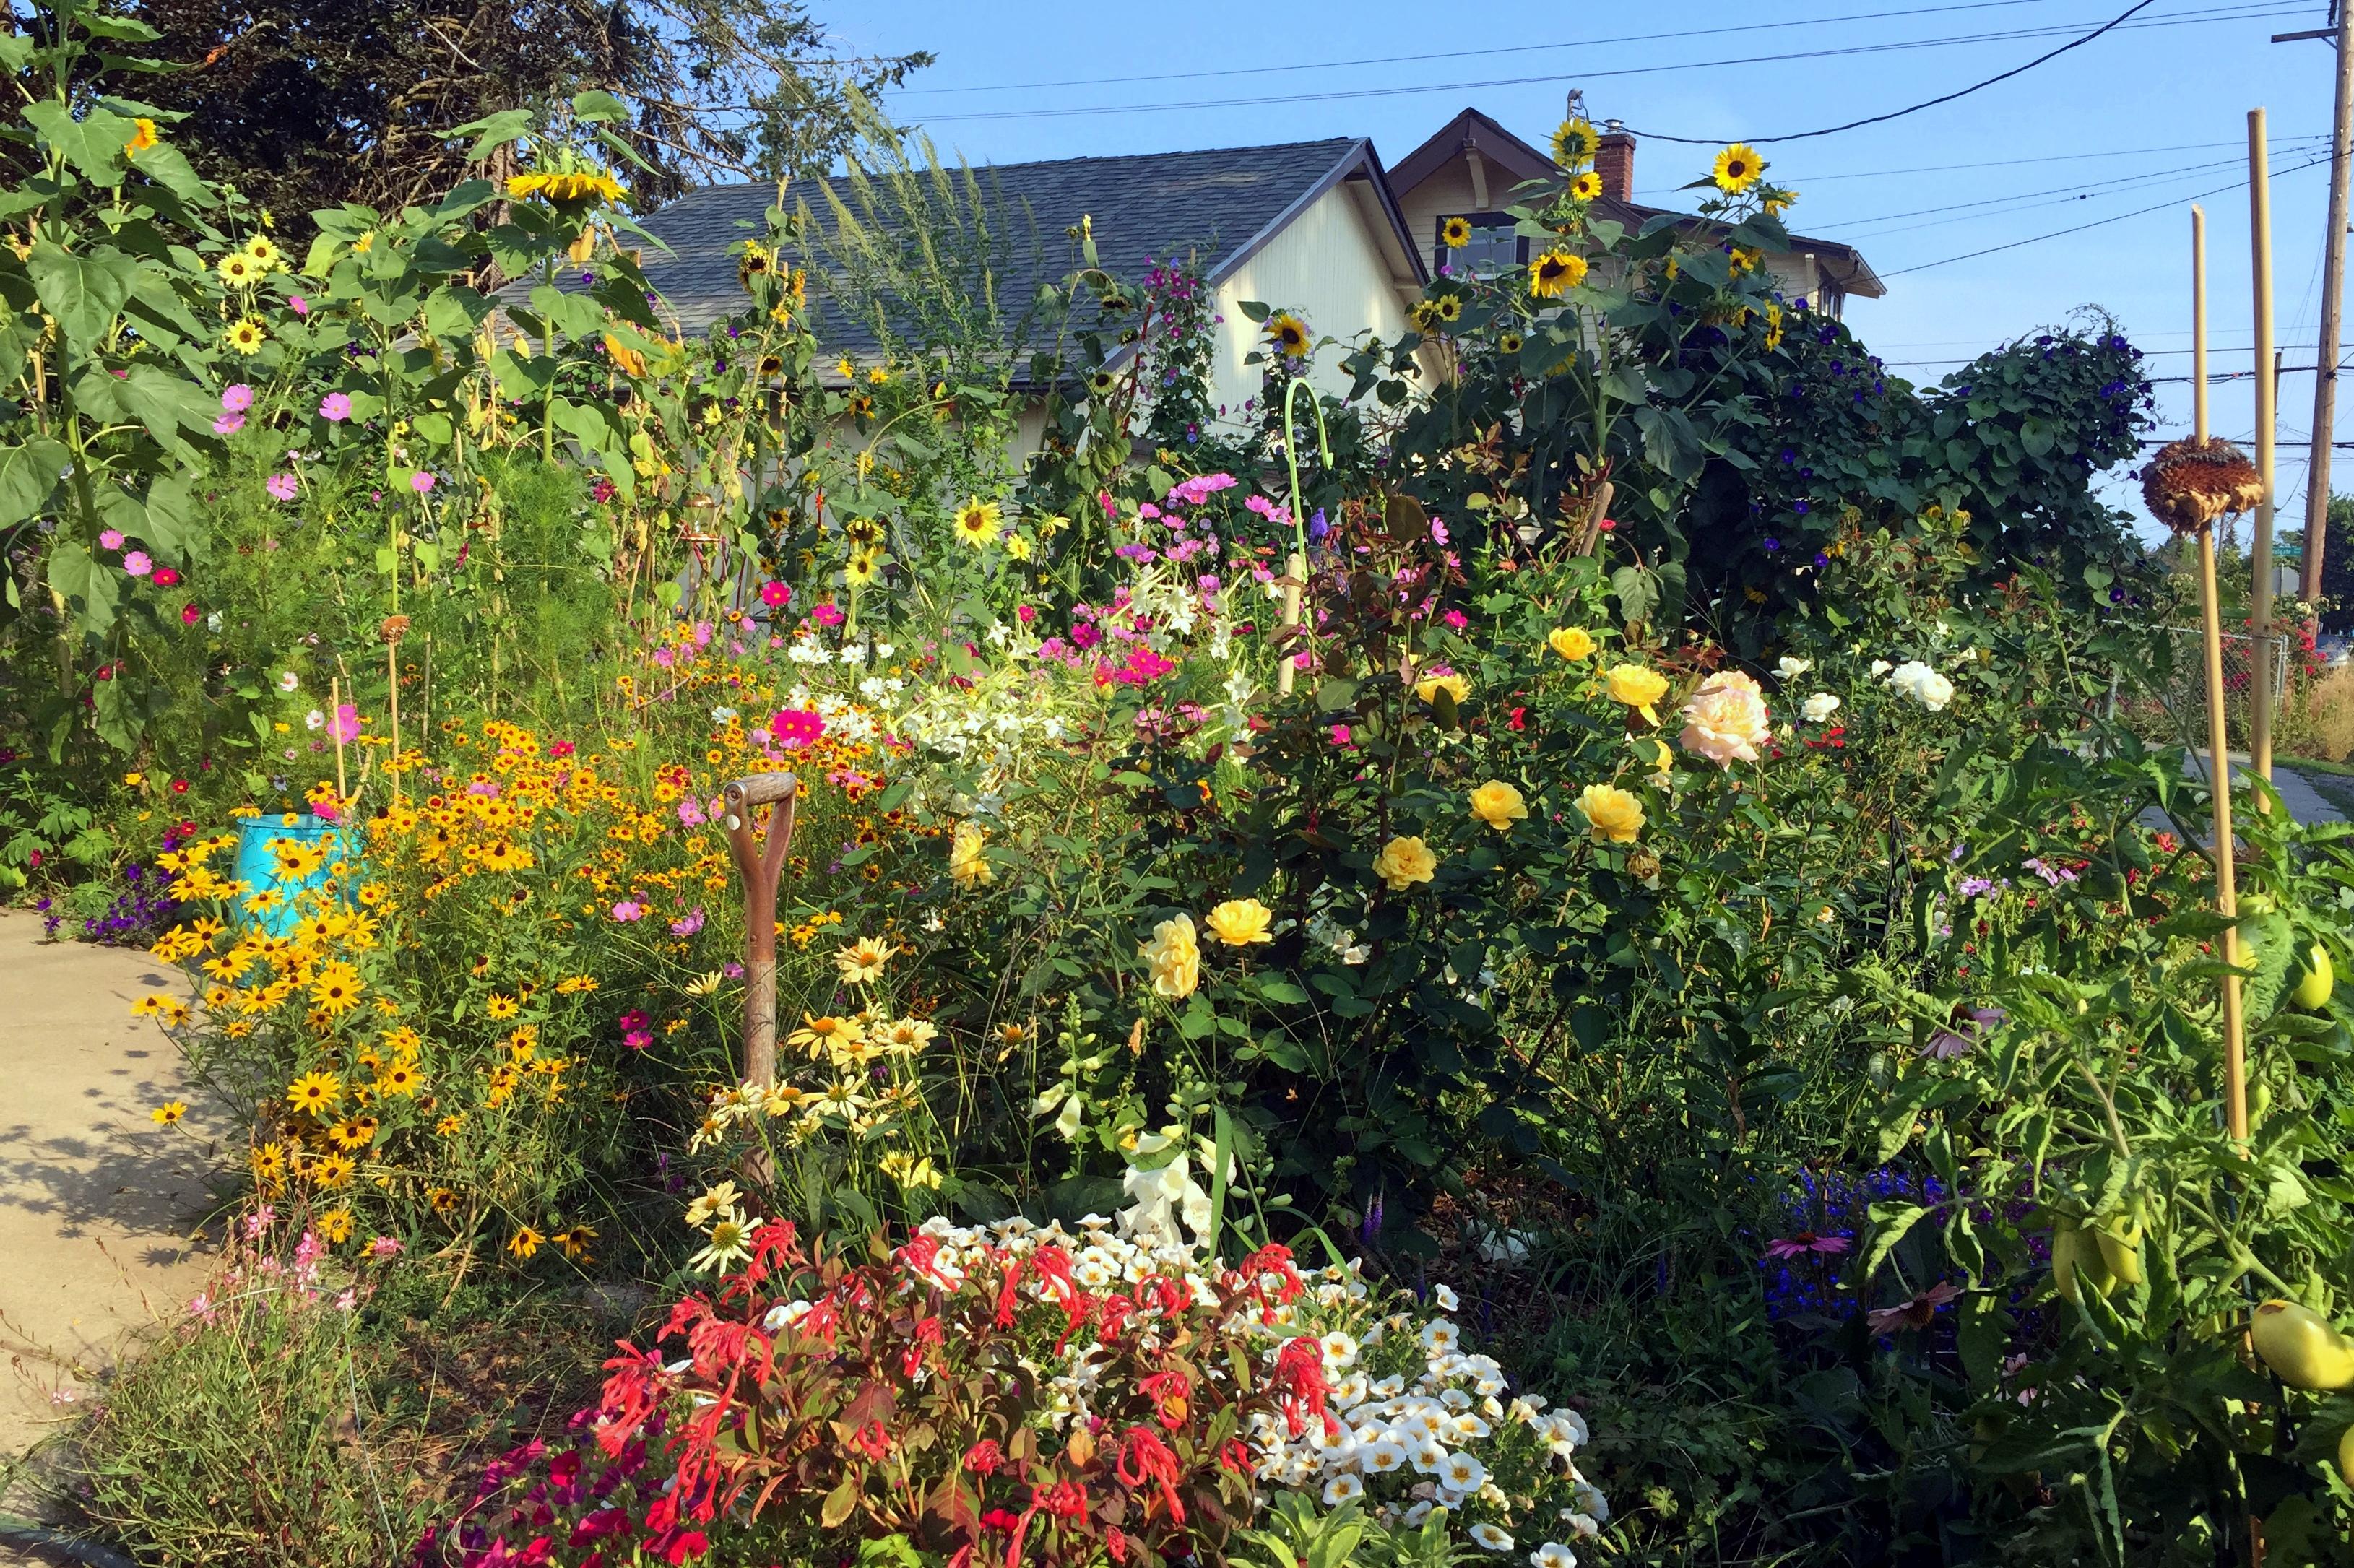 Pollinator garden Photo by Sara